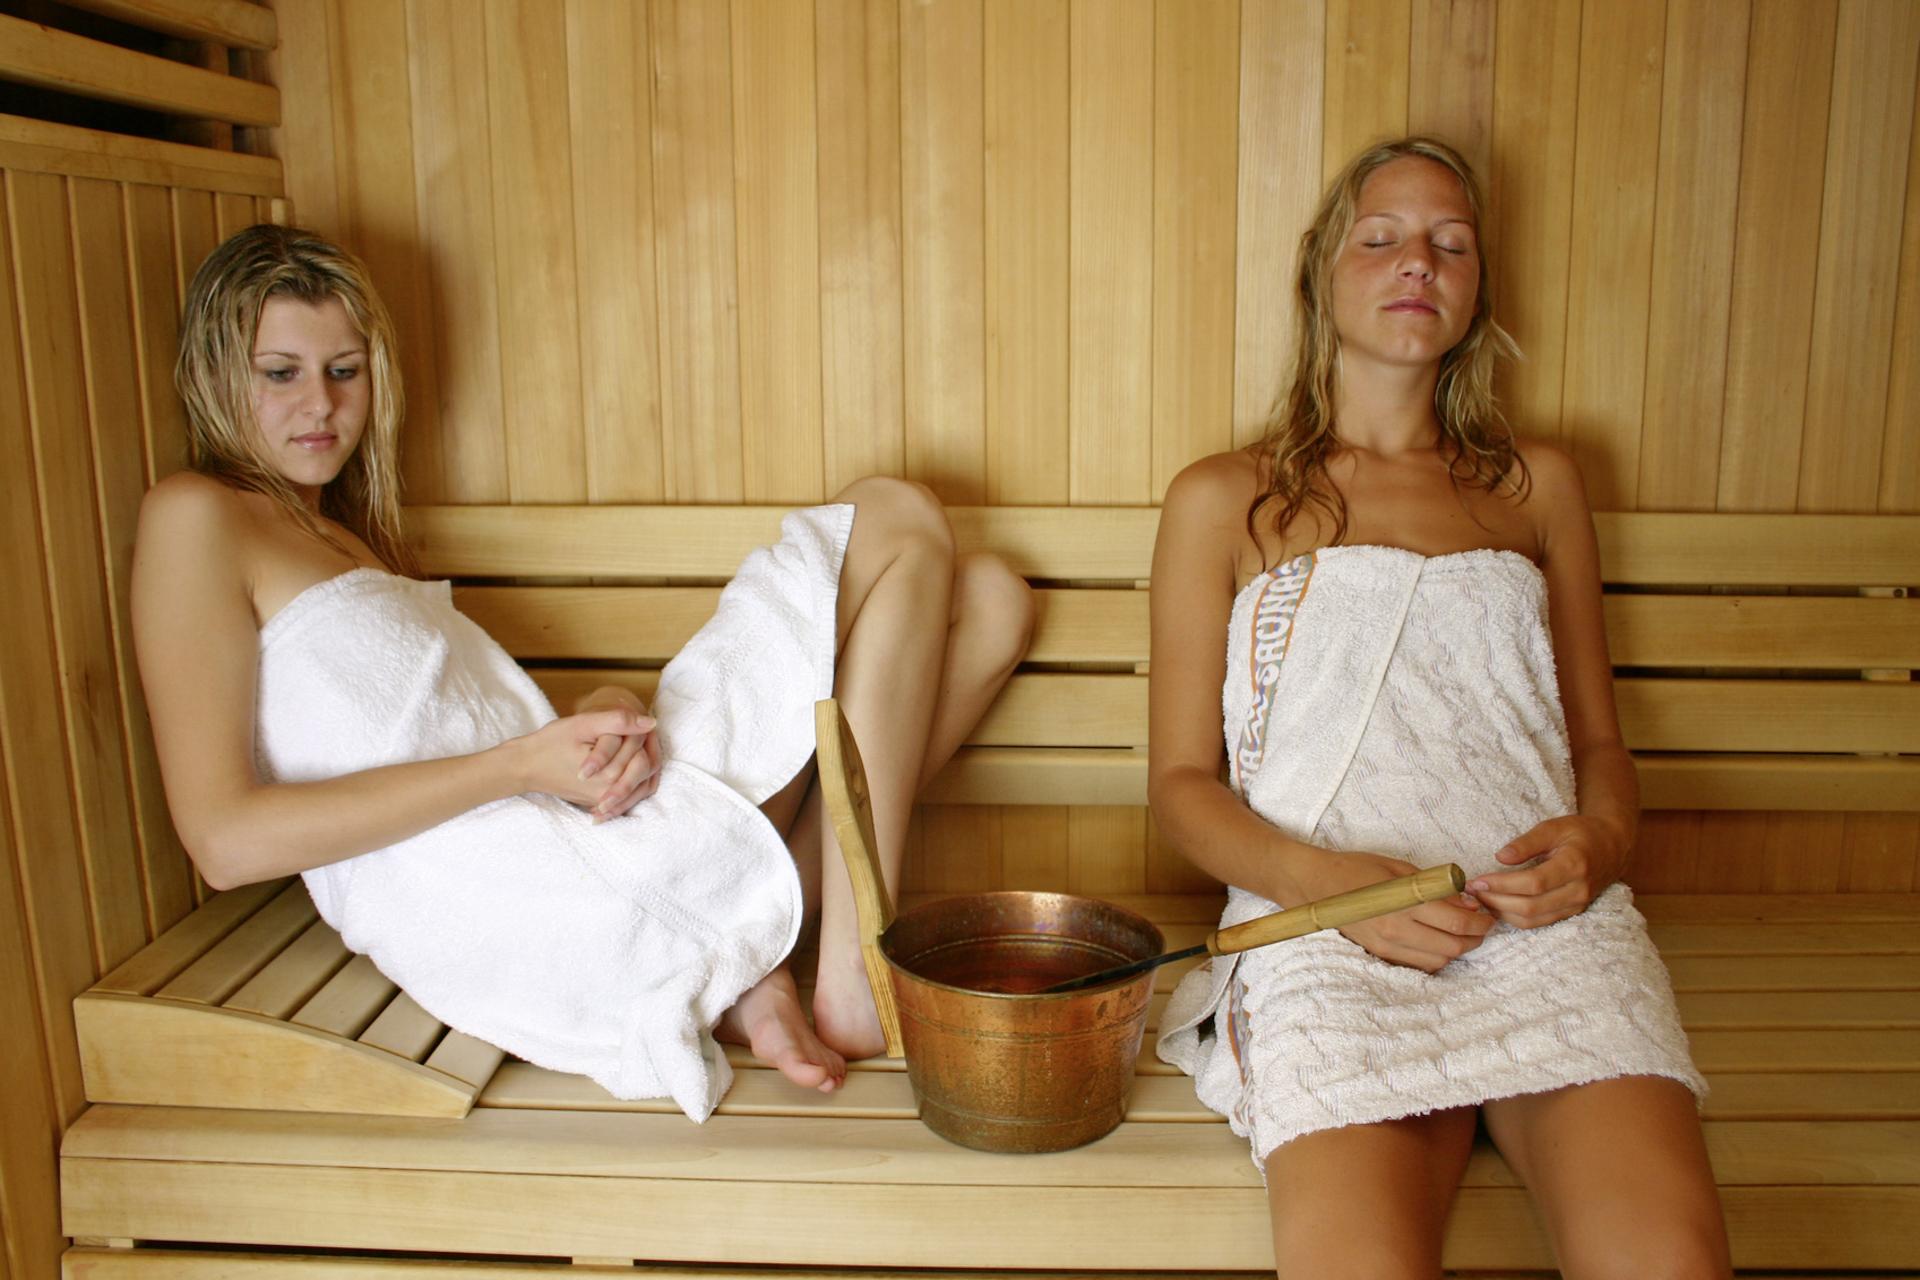 Сын подглядывает за матерью в бане, Порно сын подглядывает за мамой в бане HD 4 фотография